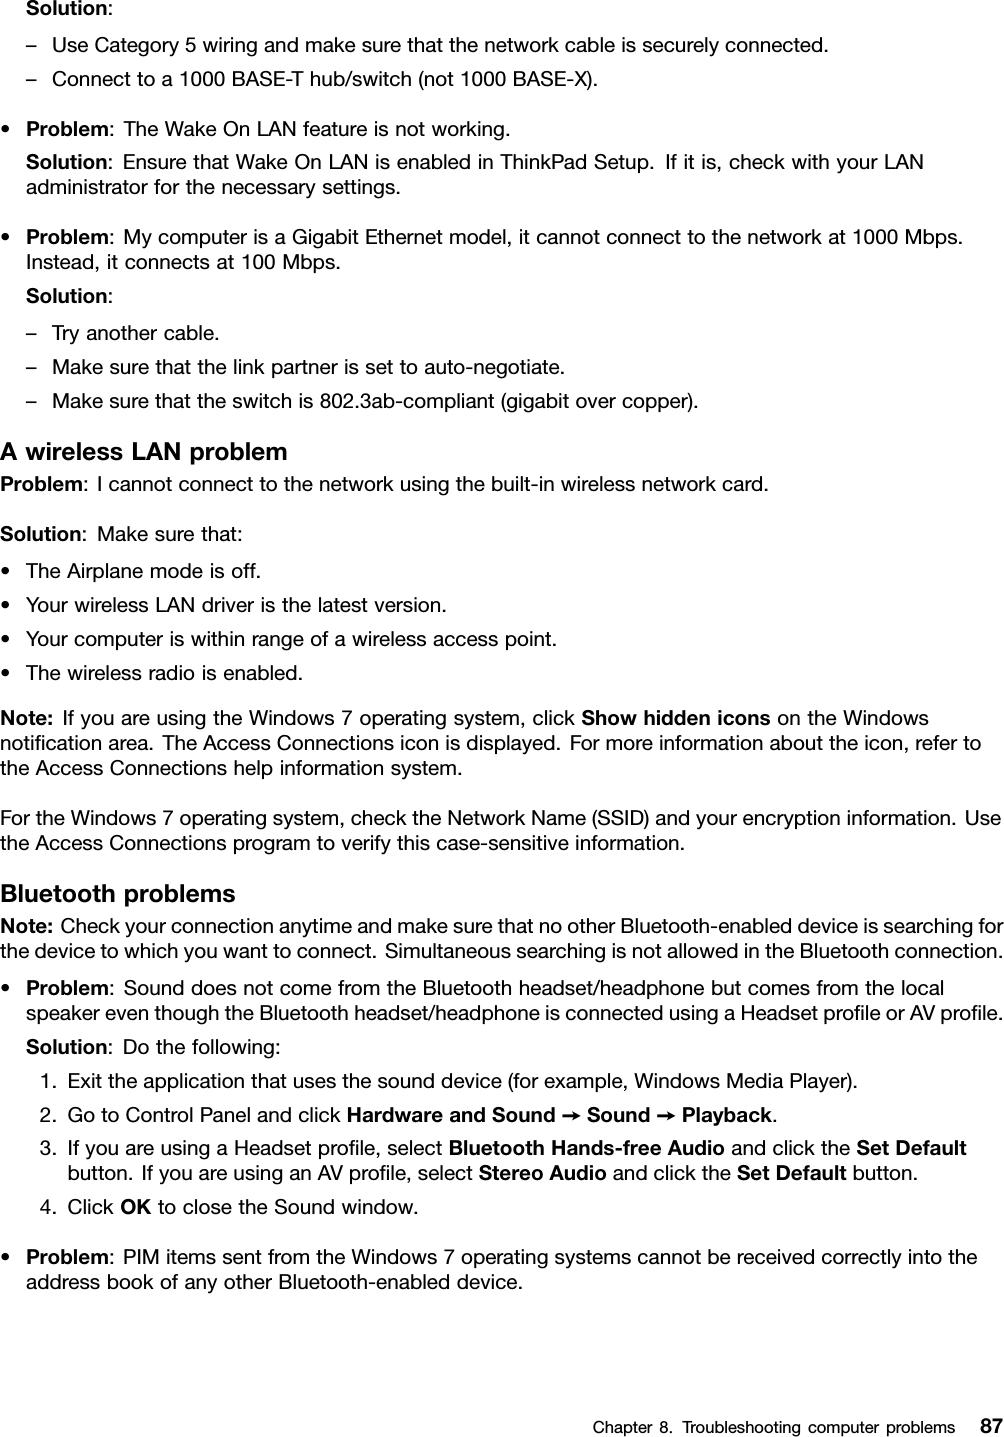 Lenovo E560 E565 Ug En User Manual (English) Guide Think Pad